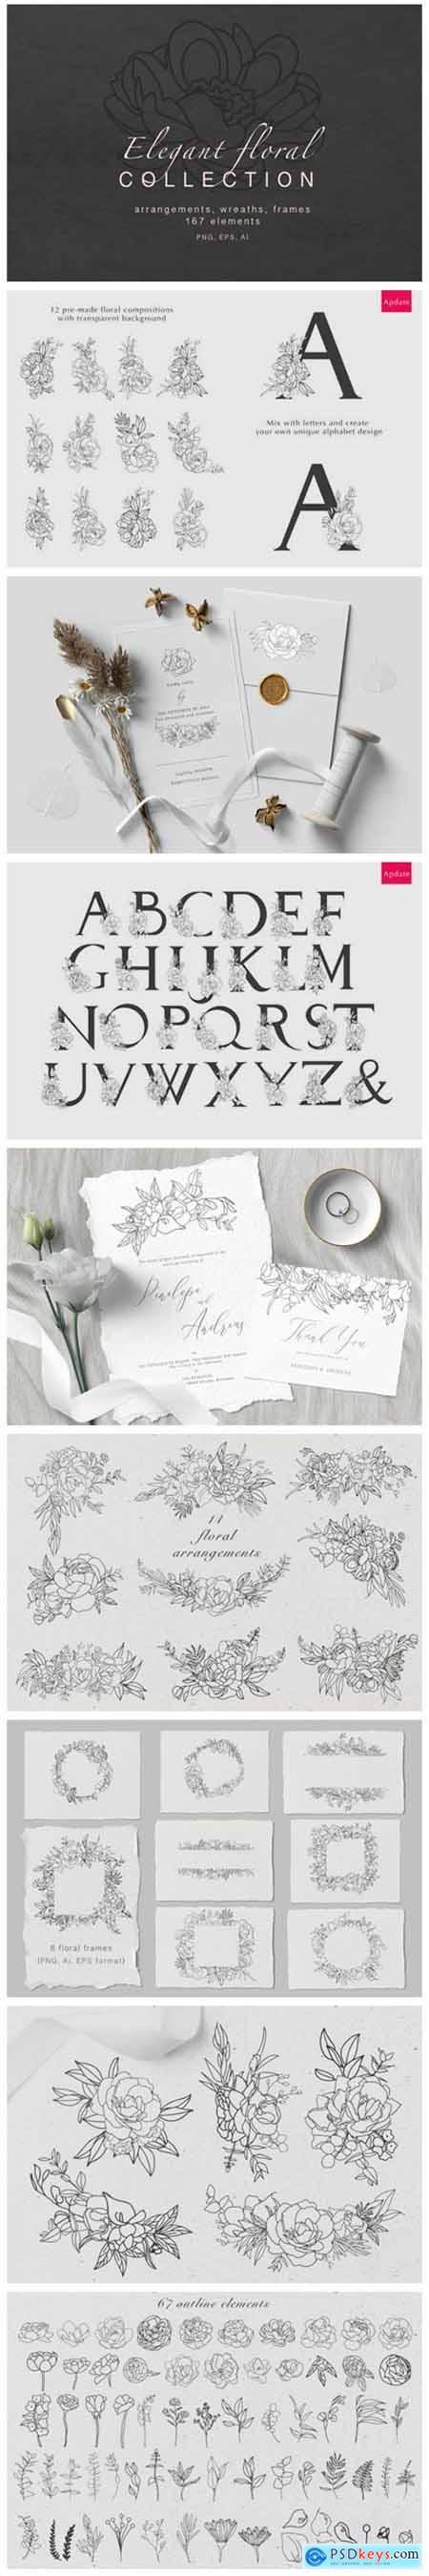 Elegant Floral Collection 4691221